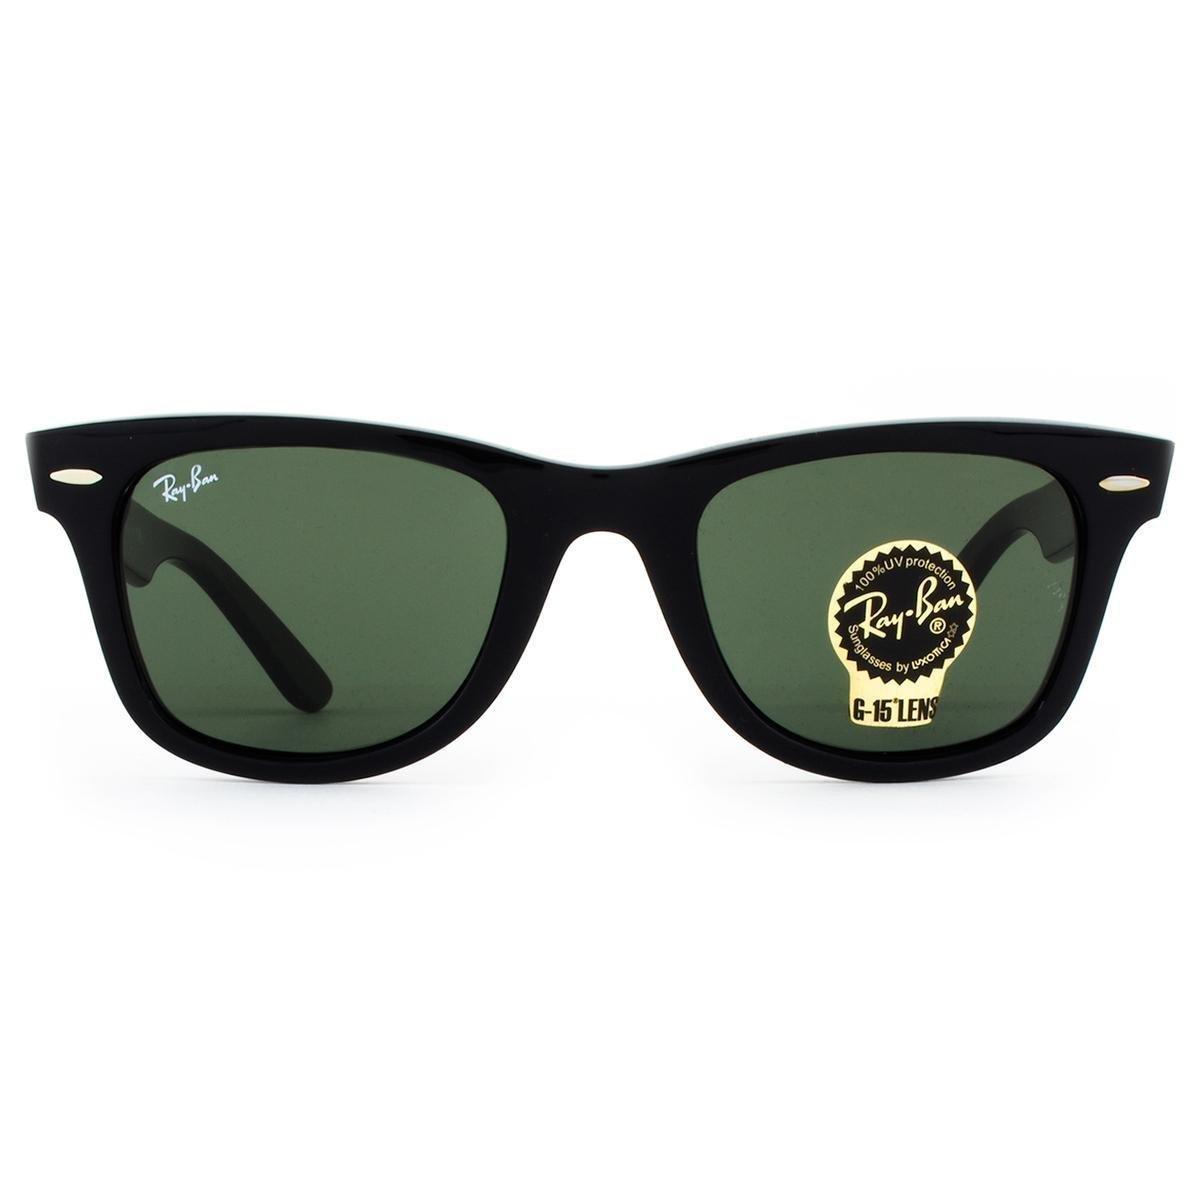 61216c8e8b1e1 ... aliexpress Óculos de sol ray ban wayfarer classic rb2140 901 50  masculino de6d1 13715 ...